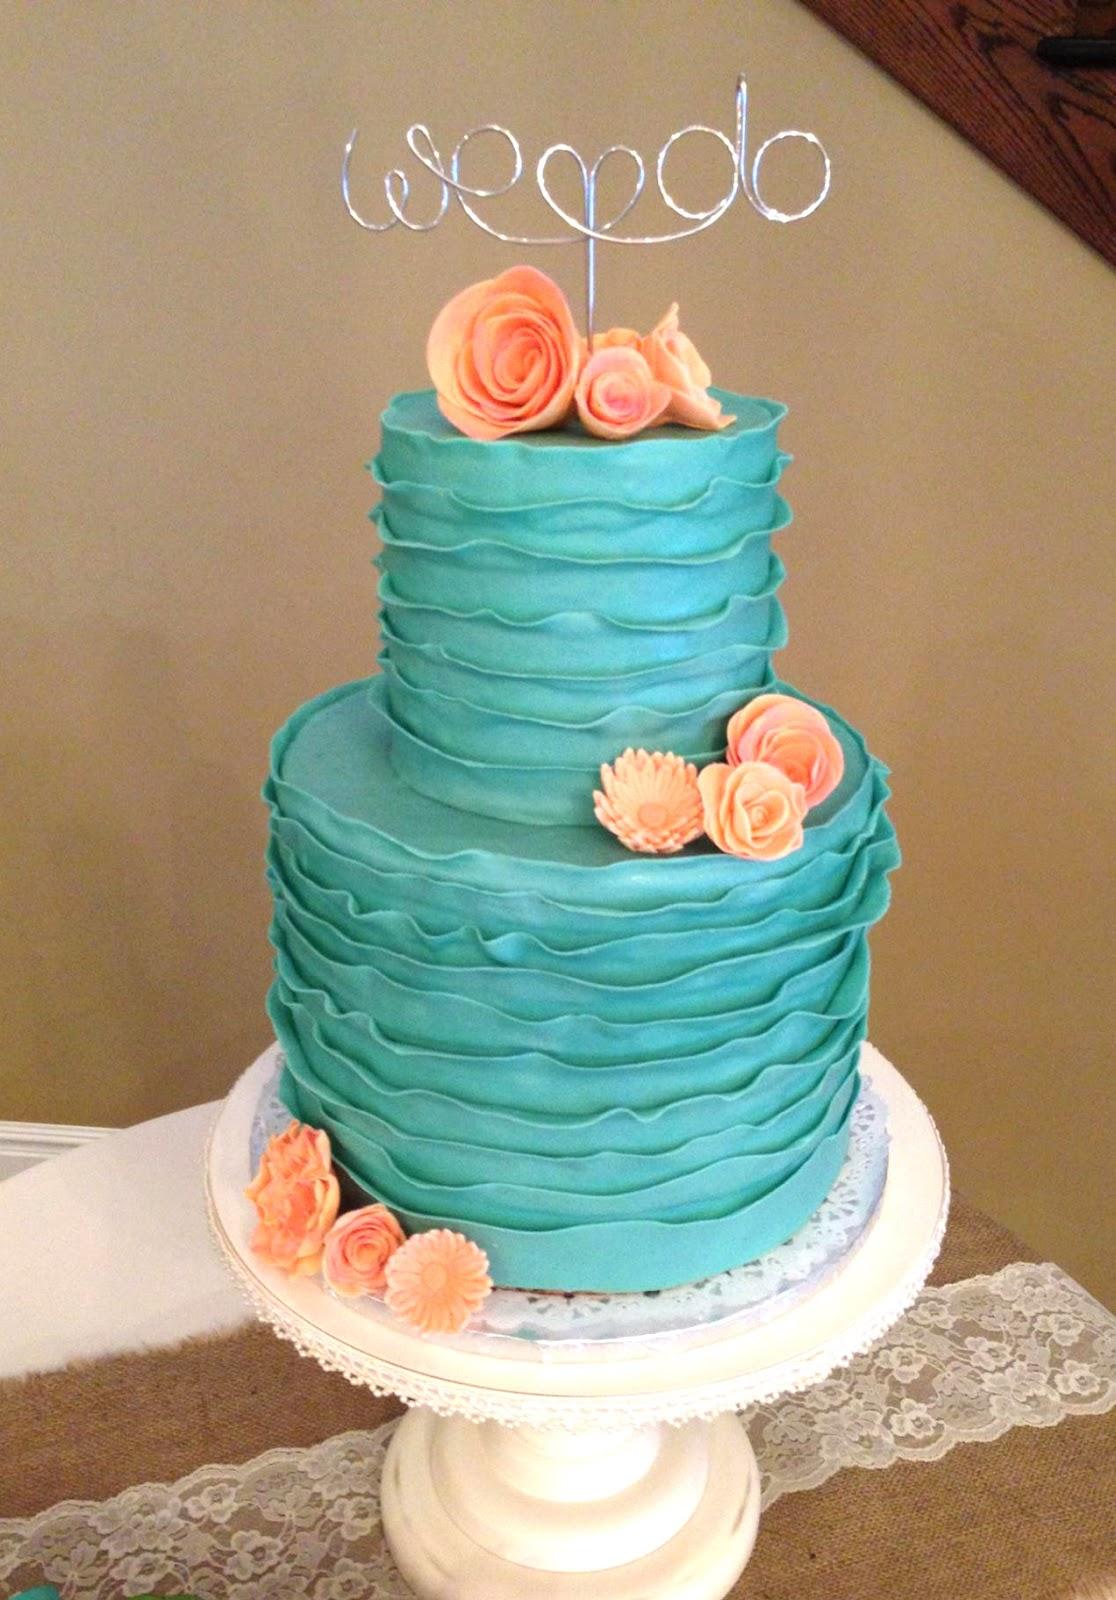 Unique Wedding Cakes 2013 Viewing Gallery